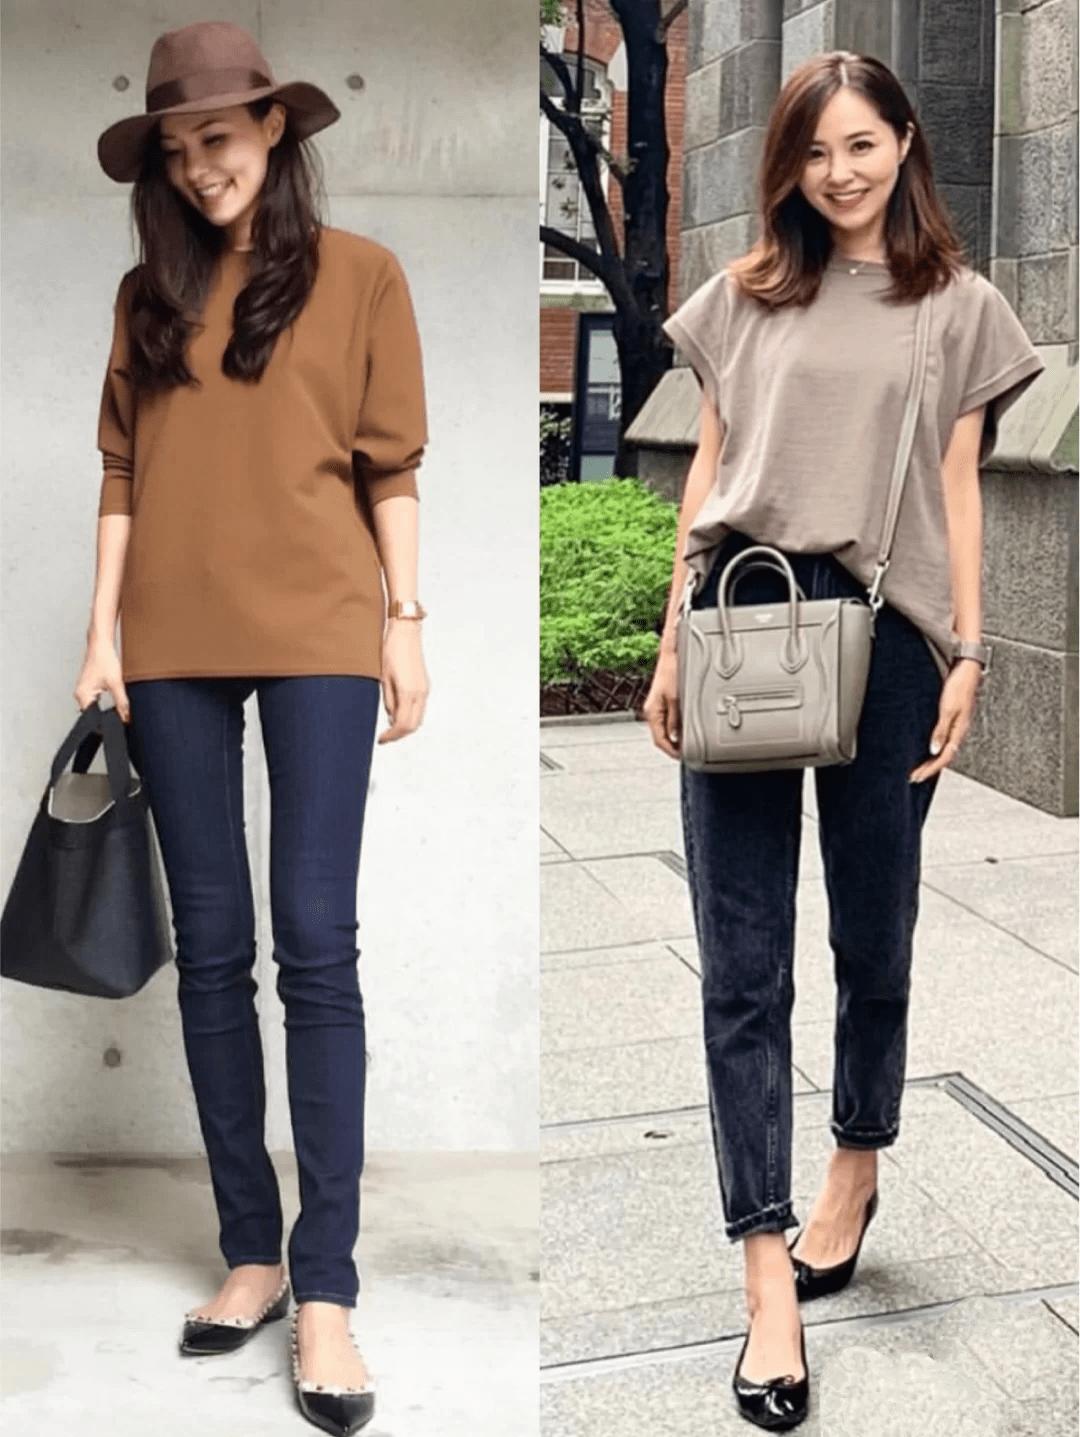 原创             40岁女人穿衣没大妈感,学会这几个穿搭技巧,时尚减龄有气质感